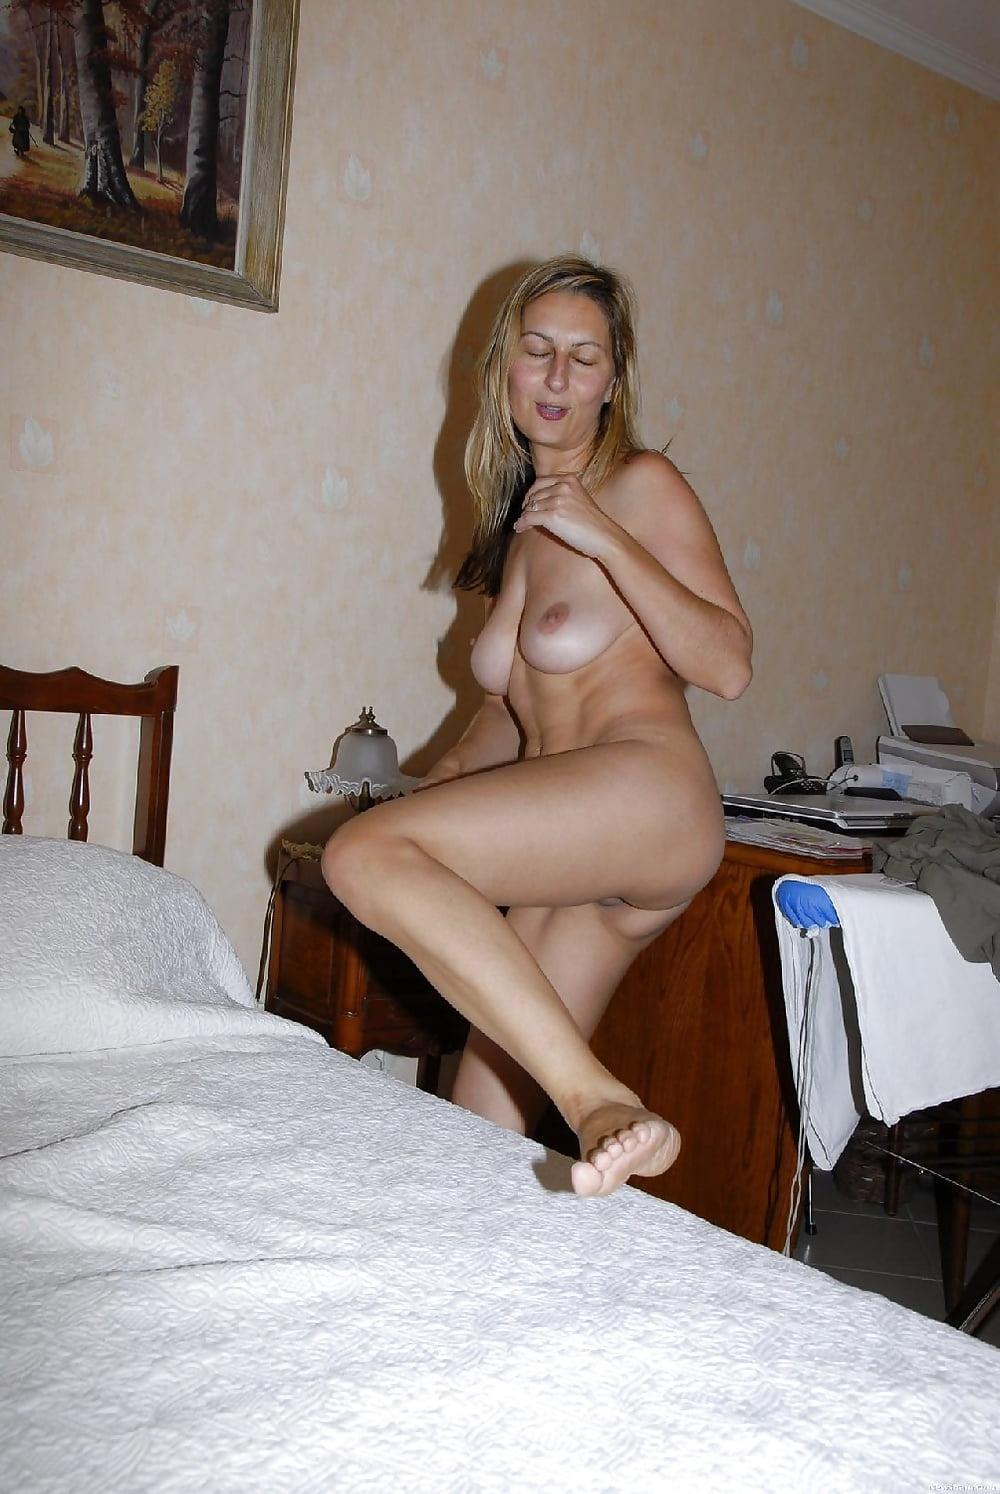 Фото домашней эротики взрослые, смотреть секс в чужими